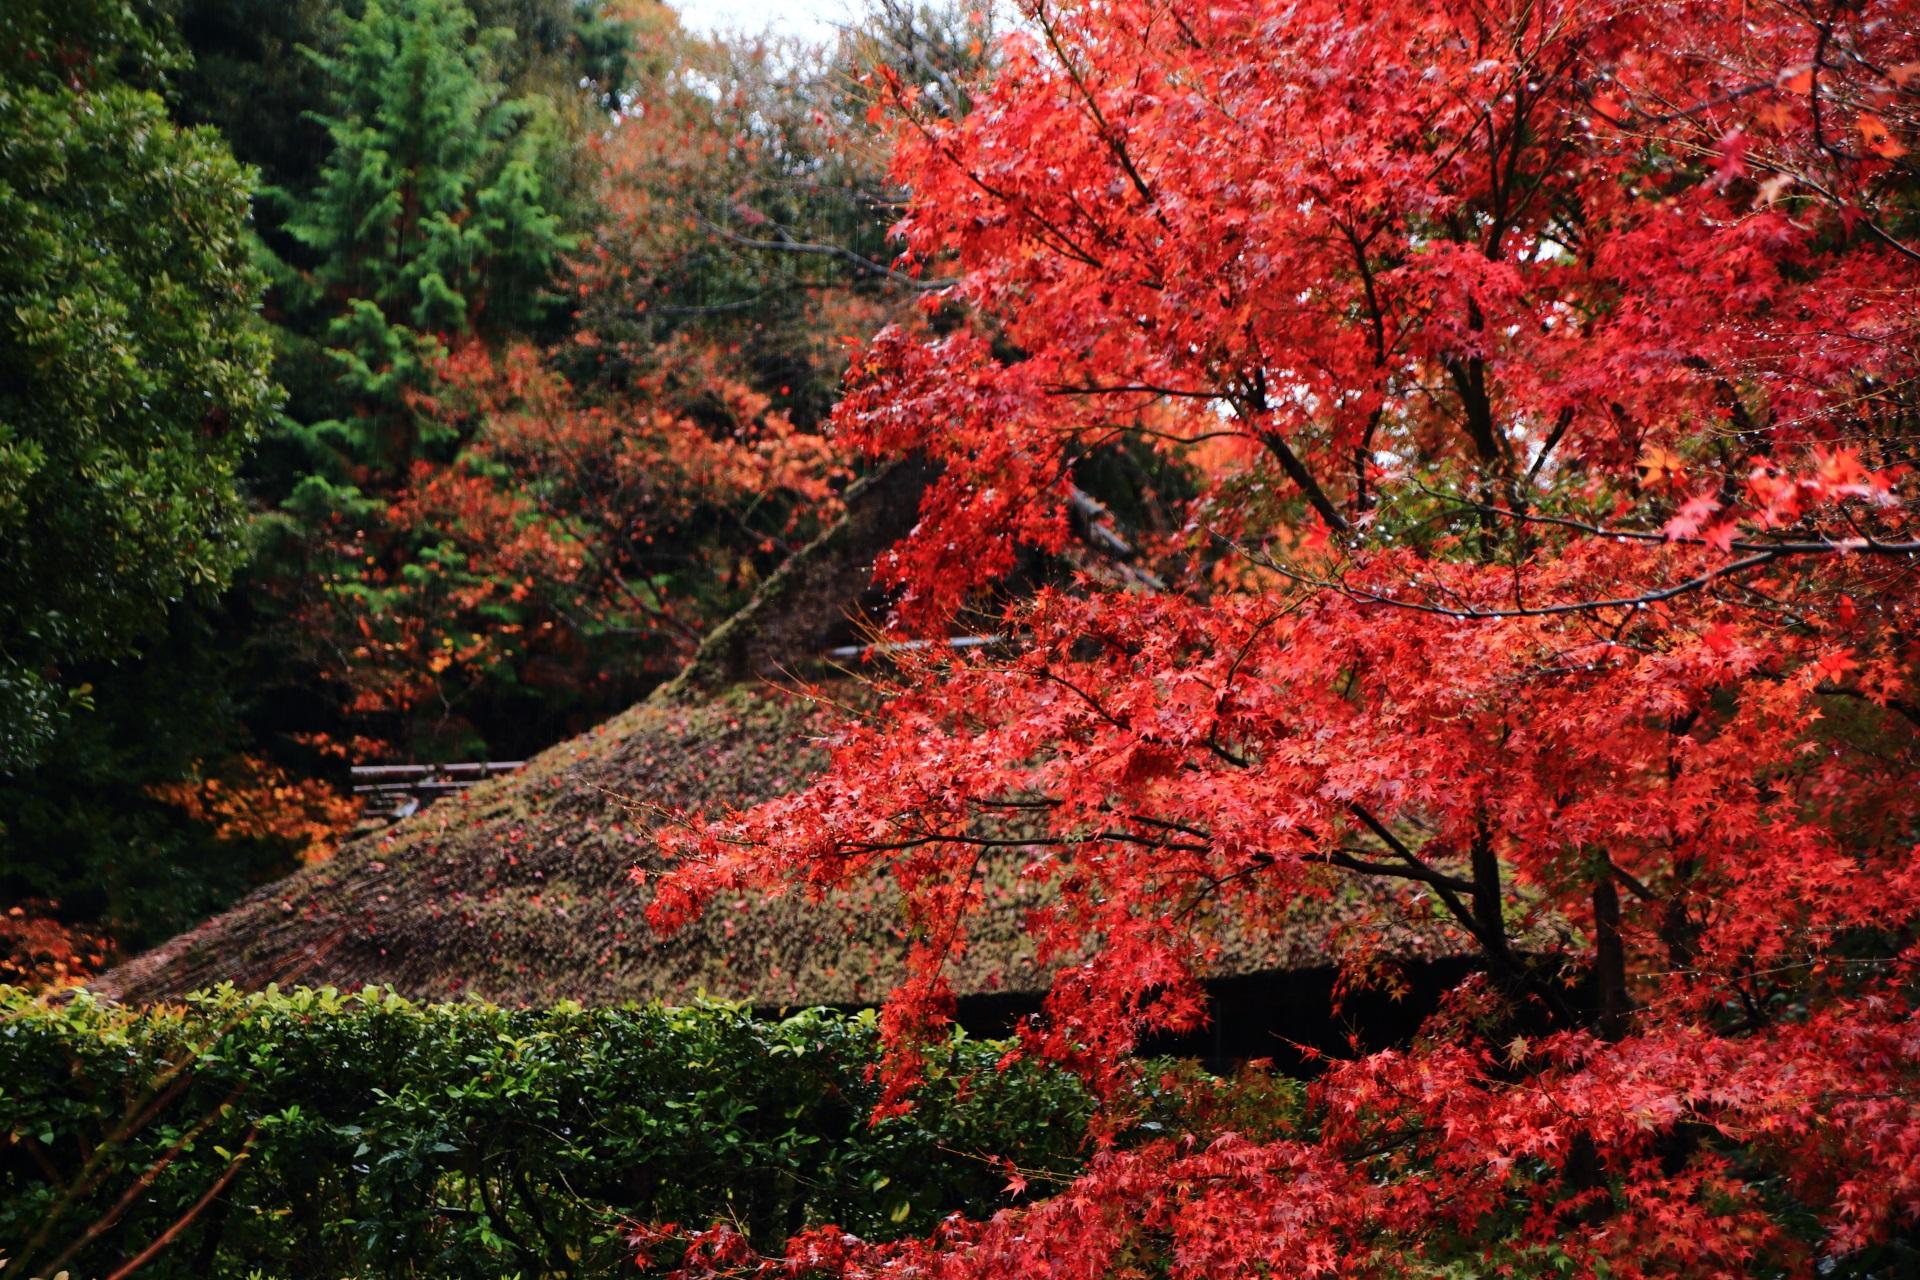 芭蕉庵の茅葺屋根を彩る鮮やかな赤い紅葉